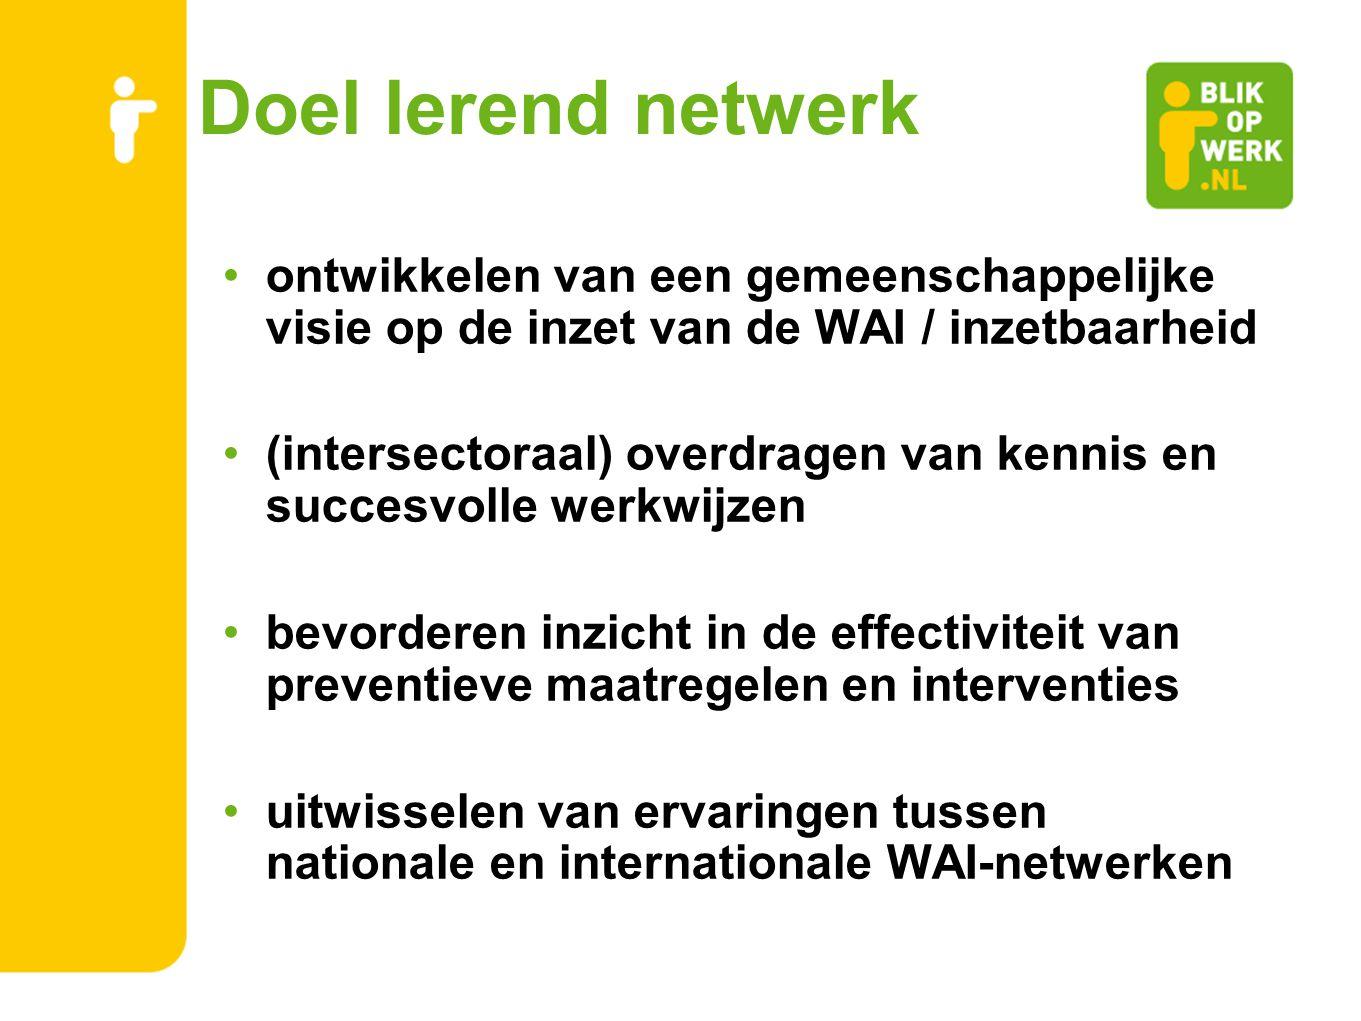 Doel lerend netwerk ontwikkelen van een gemeenschappelijke visie op de inzet van de WAI / inzetbaarheid.